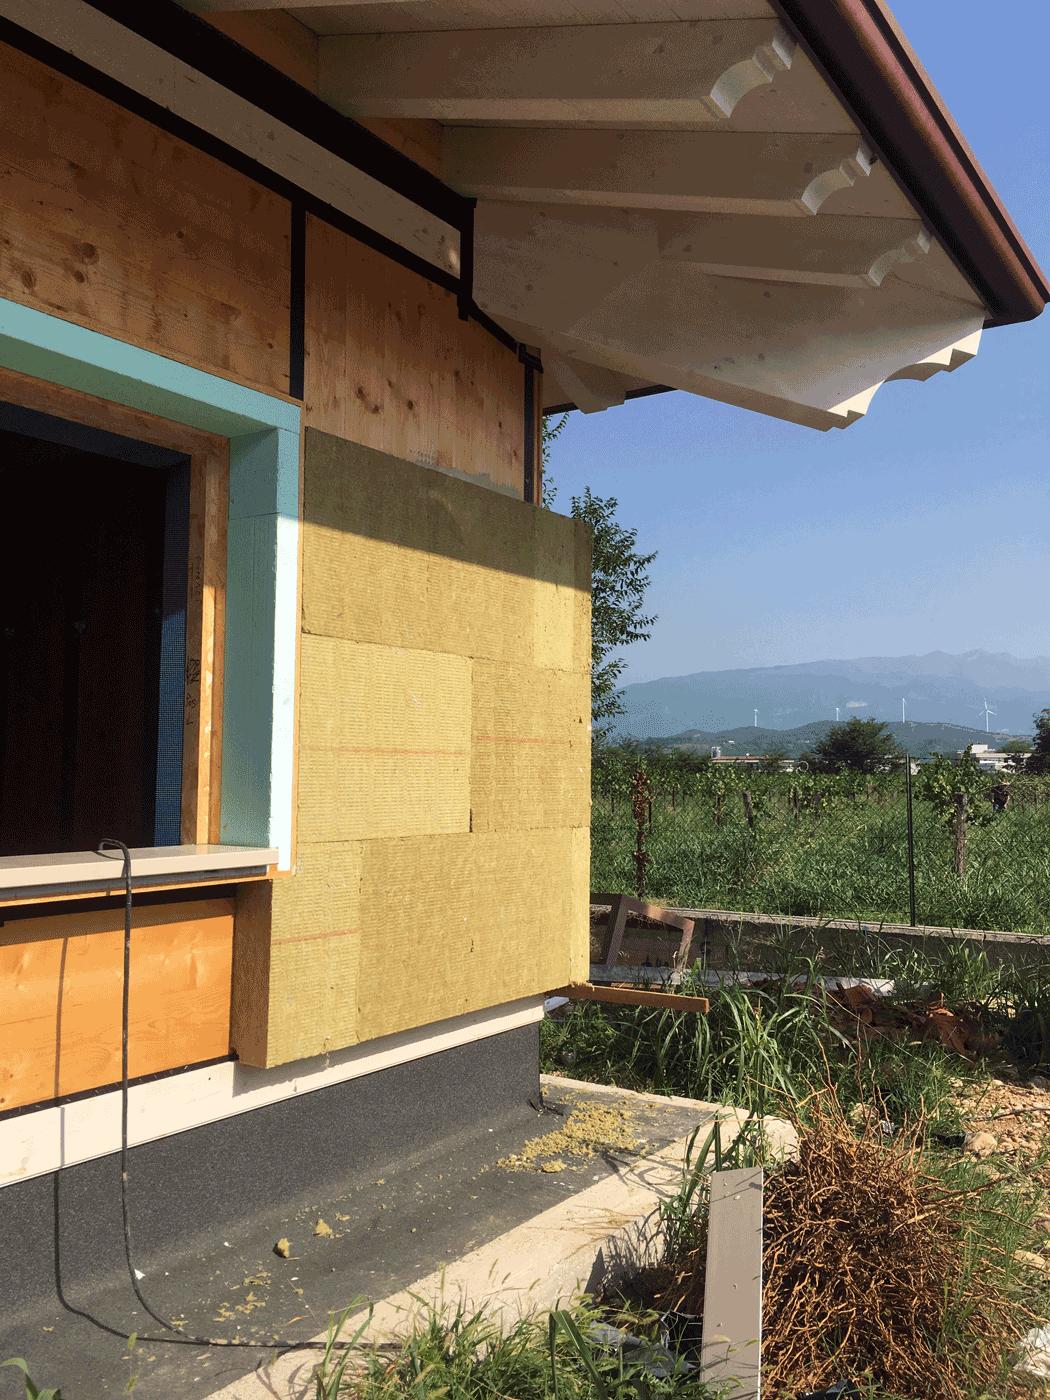 Villa in X-Lam    Domegliara (VR)